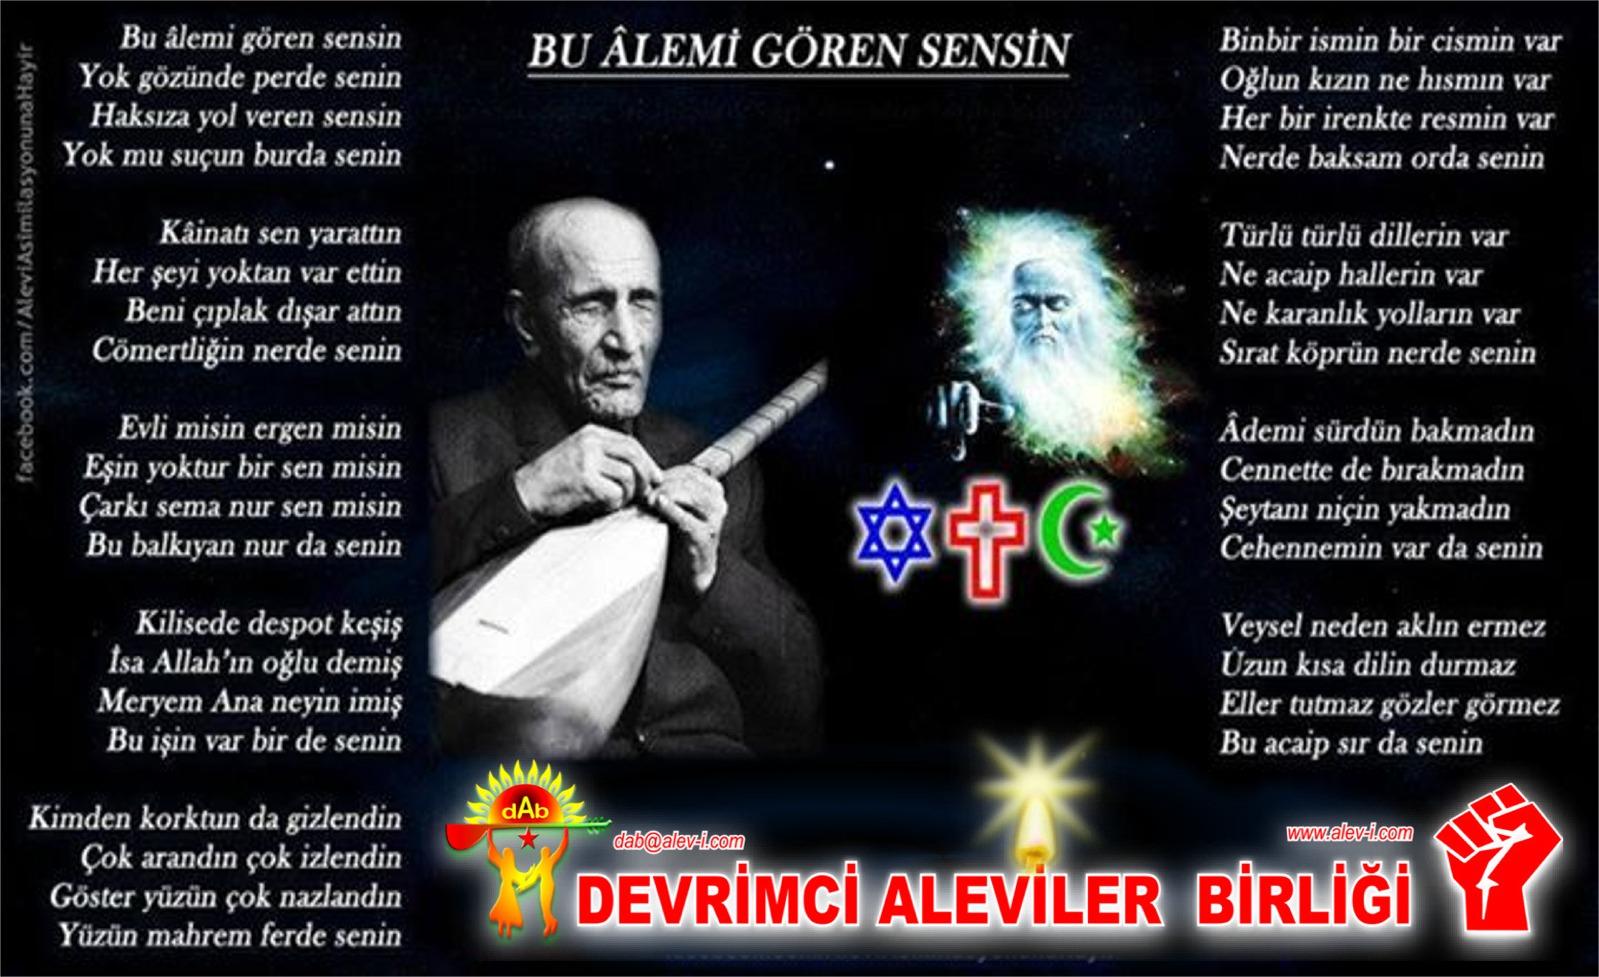 Alevi Bektaşi Kızılbaş Pir Sultan İslam dışı Atatürk faşist ehlibeyt 12 imam Devrimci Aleviler Birliği DAB VEYSEL SENSİN